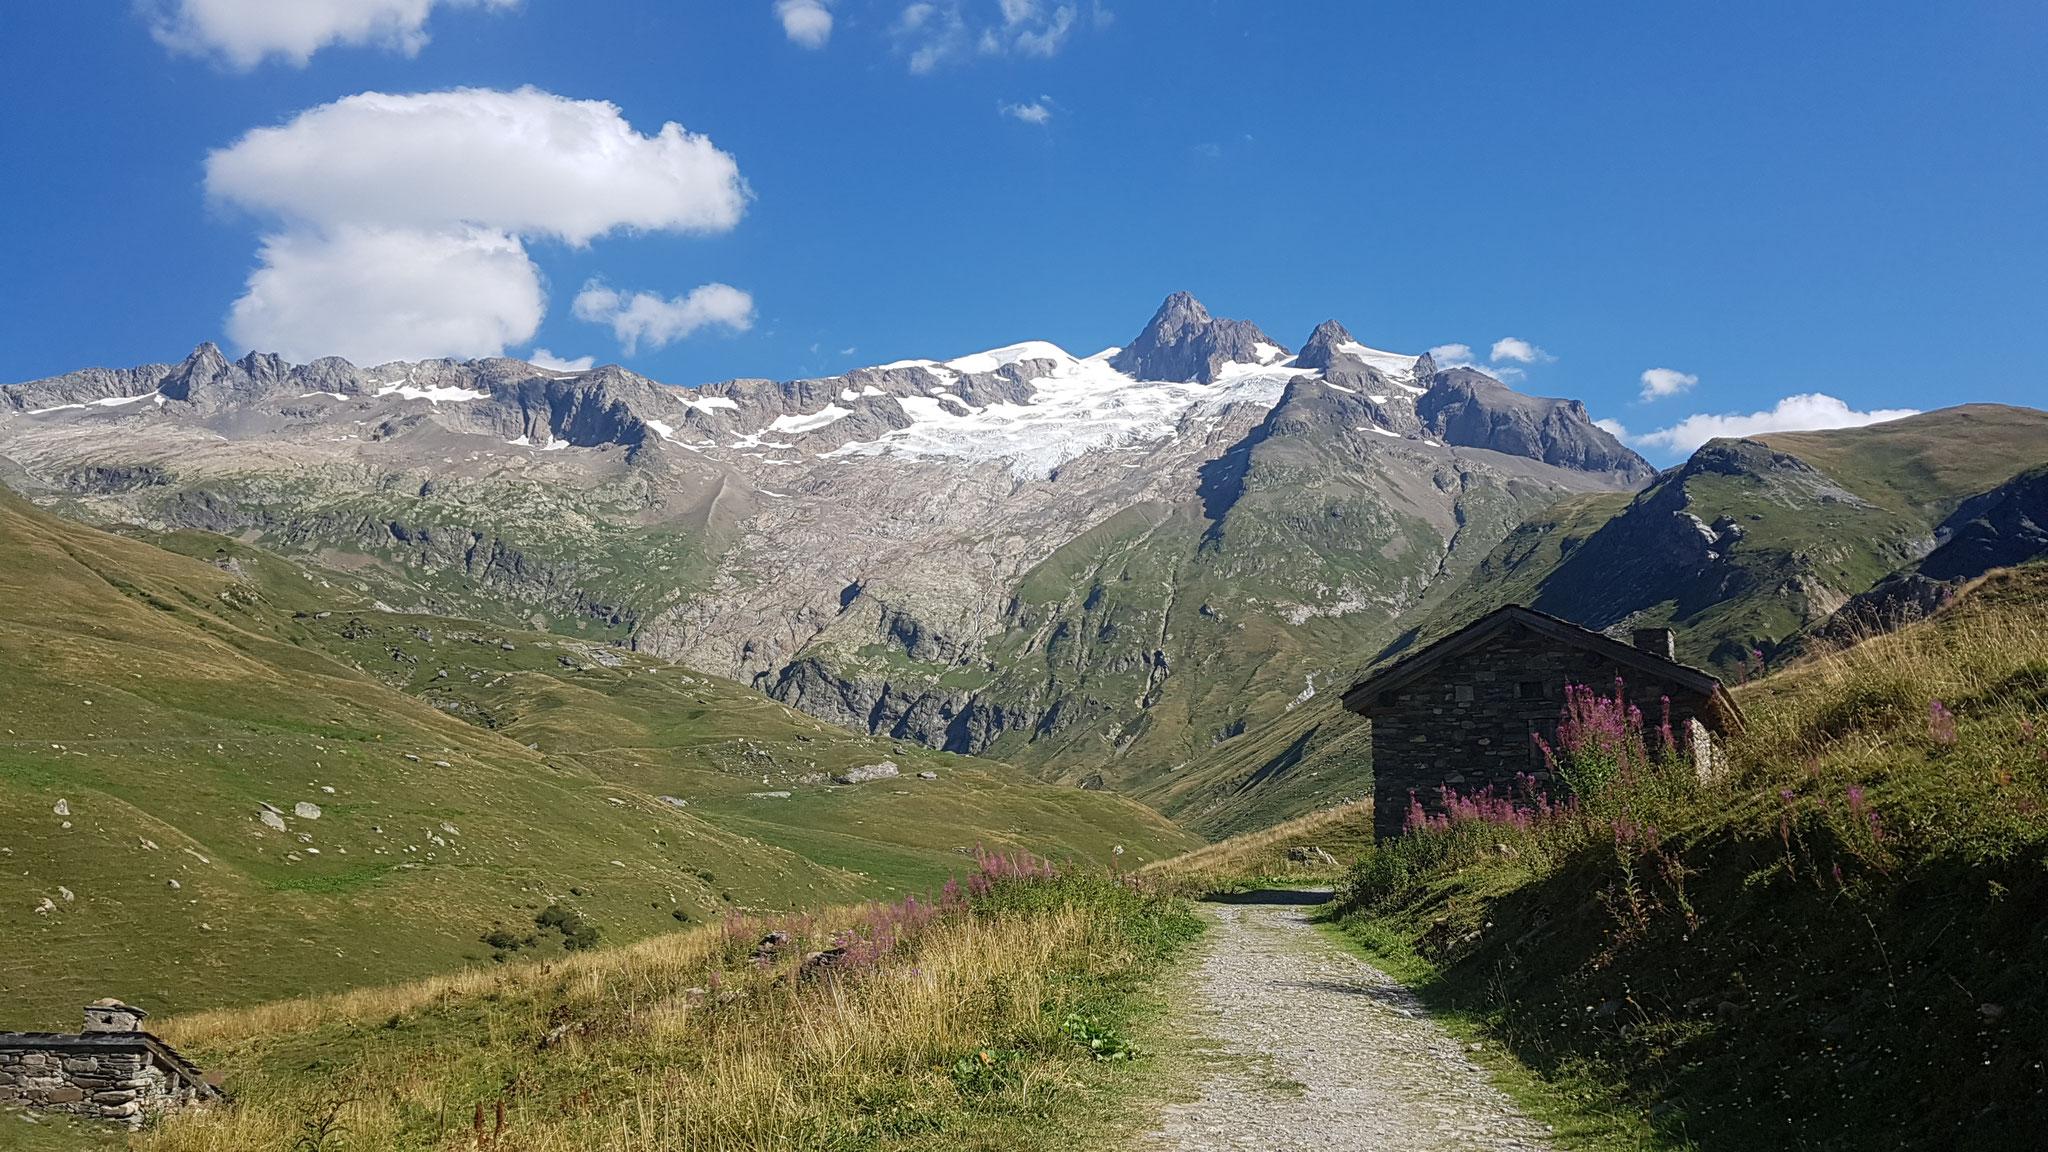 3. La vallée des Chapieux